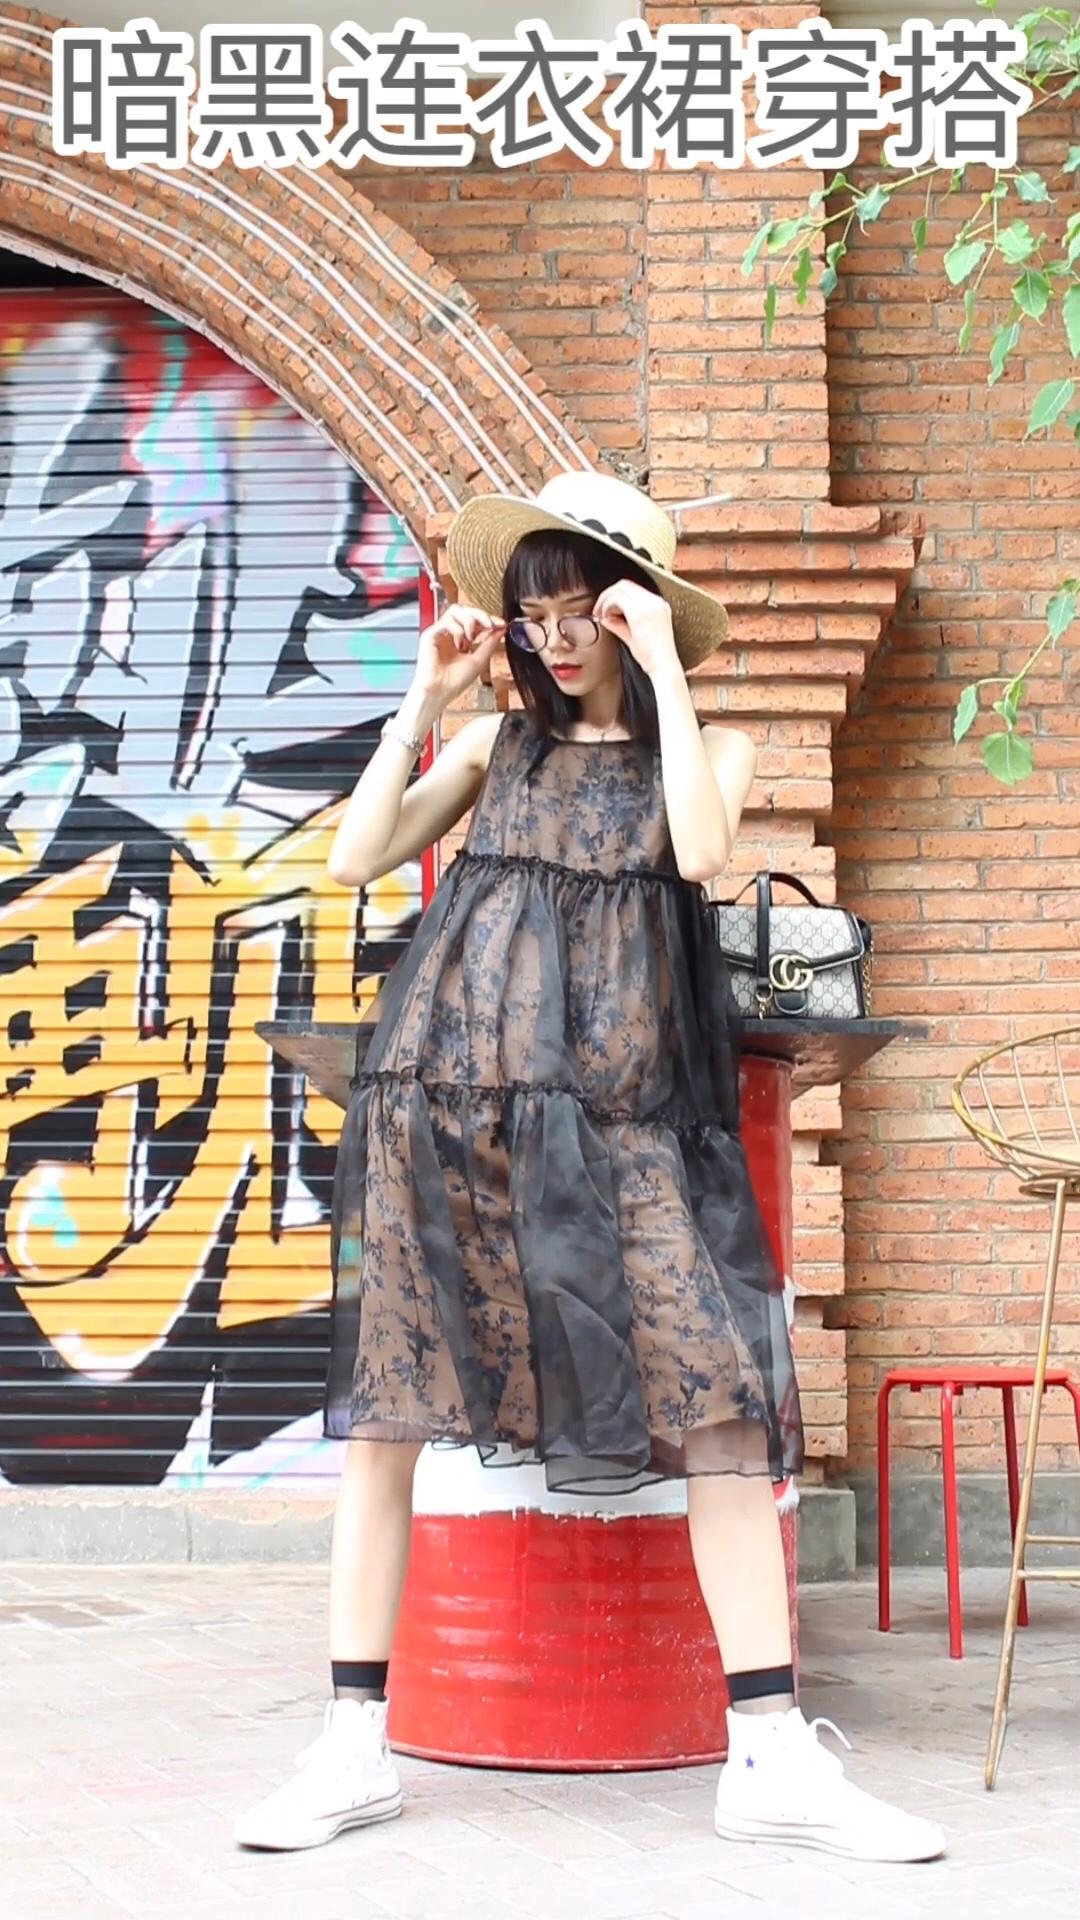 Jade今日穿搭分享/暗黑风〰️  今天给大家分享一套暗黑风穿搭! 希望你们会喜欢!! 方便又好穿的暗黑裙,双层沙布,柔软光滑,舒适亲肤又凉爽!而且垂感非常好。 搭配了白色匡威➕平顶草帽➕链条包 这样的穿搭很特别哦!喜欢点赞关注哦!🧡🧡 我每周都会给大家更新新的穿搭!#热skr人?这样穿太太太凉快!#